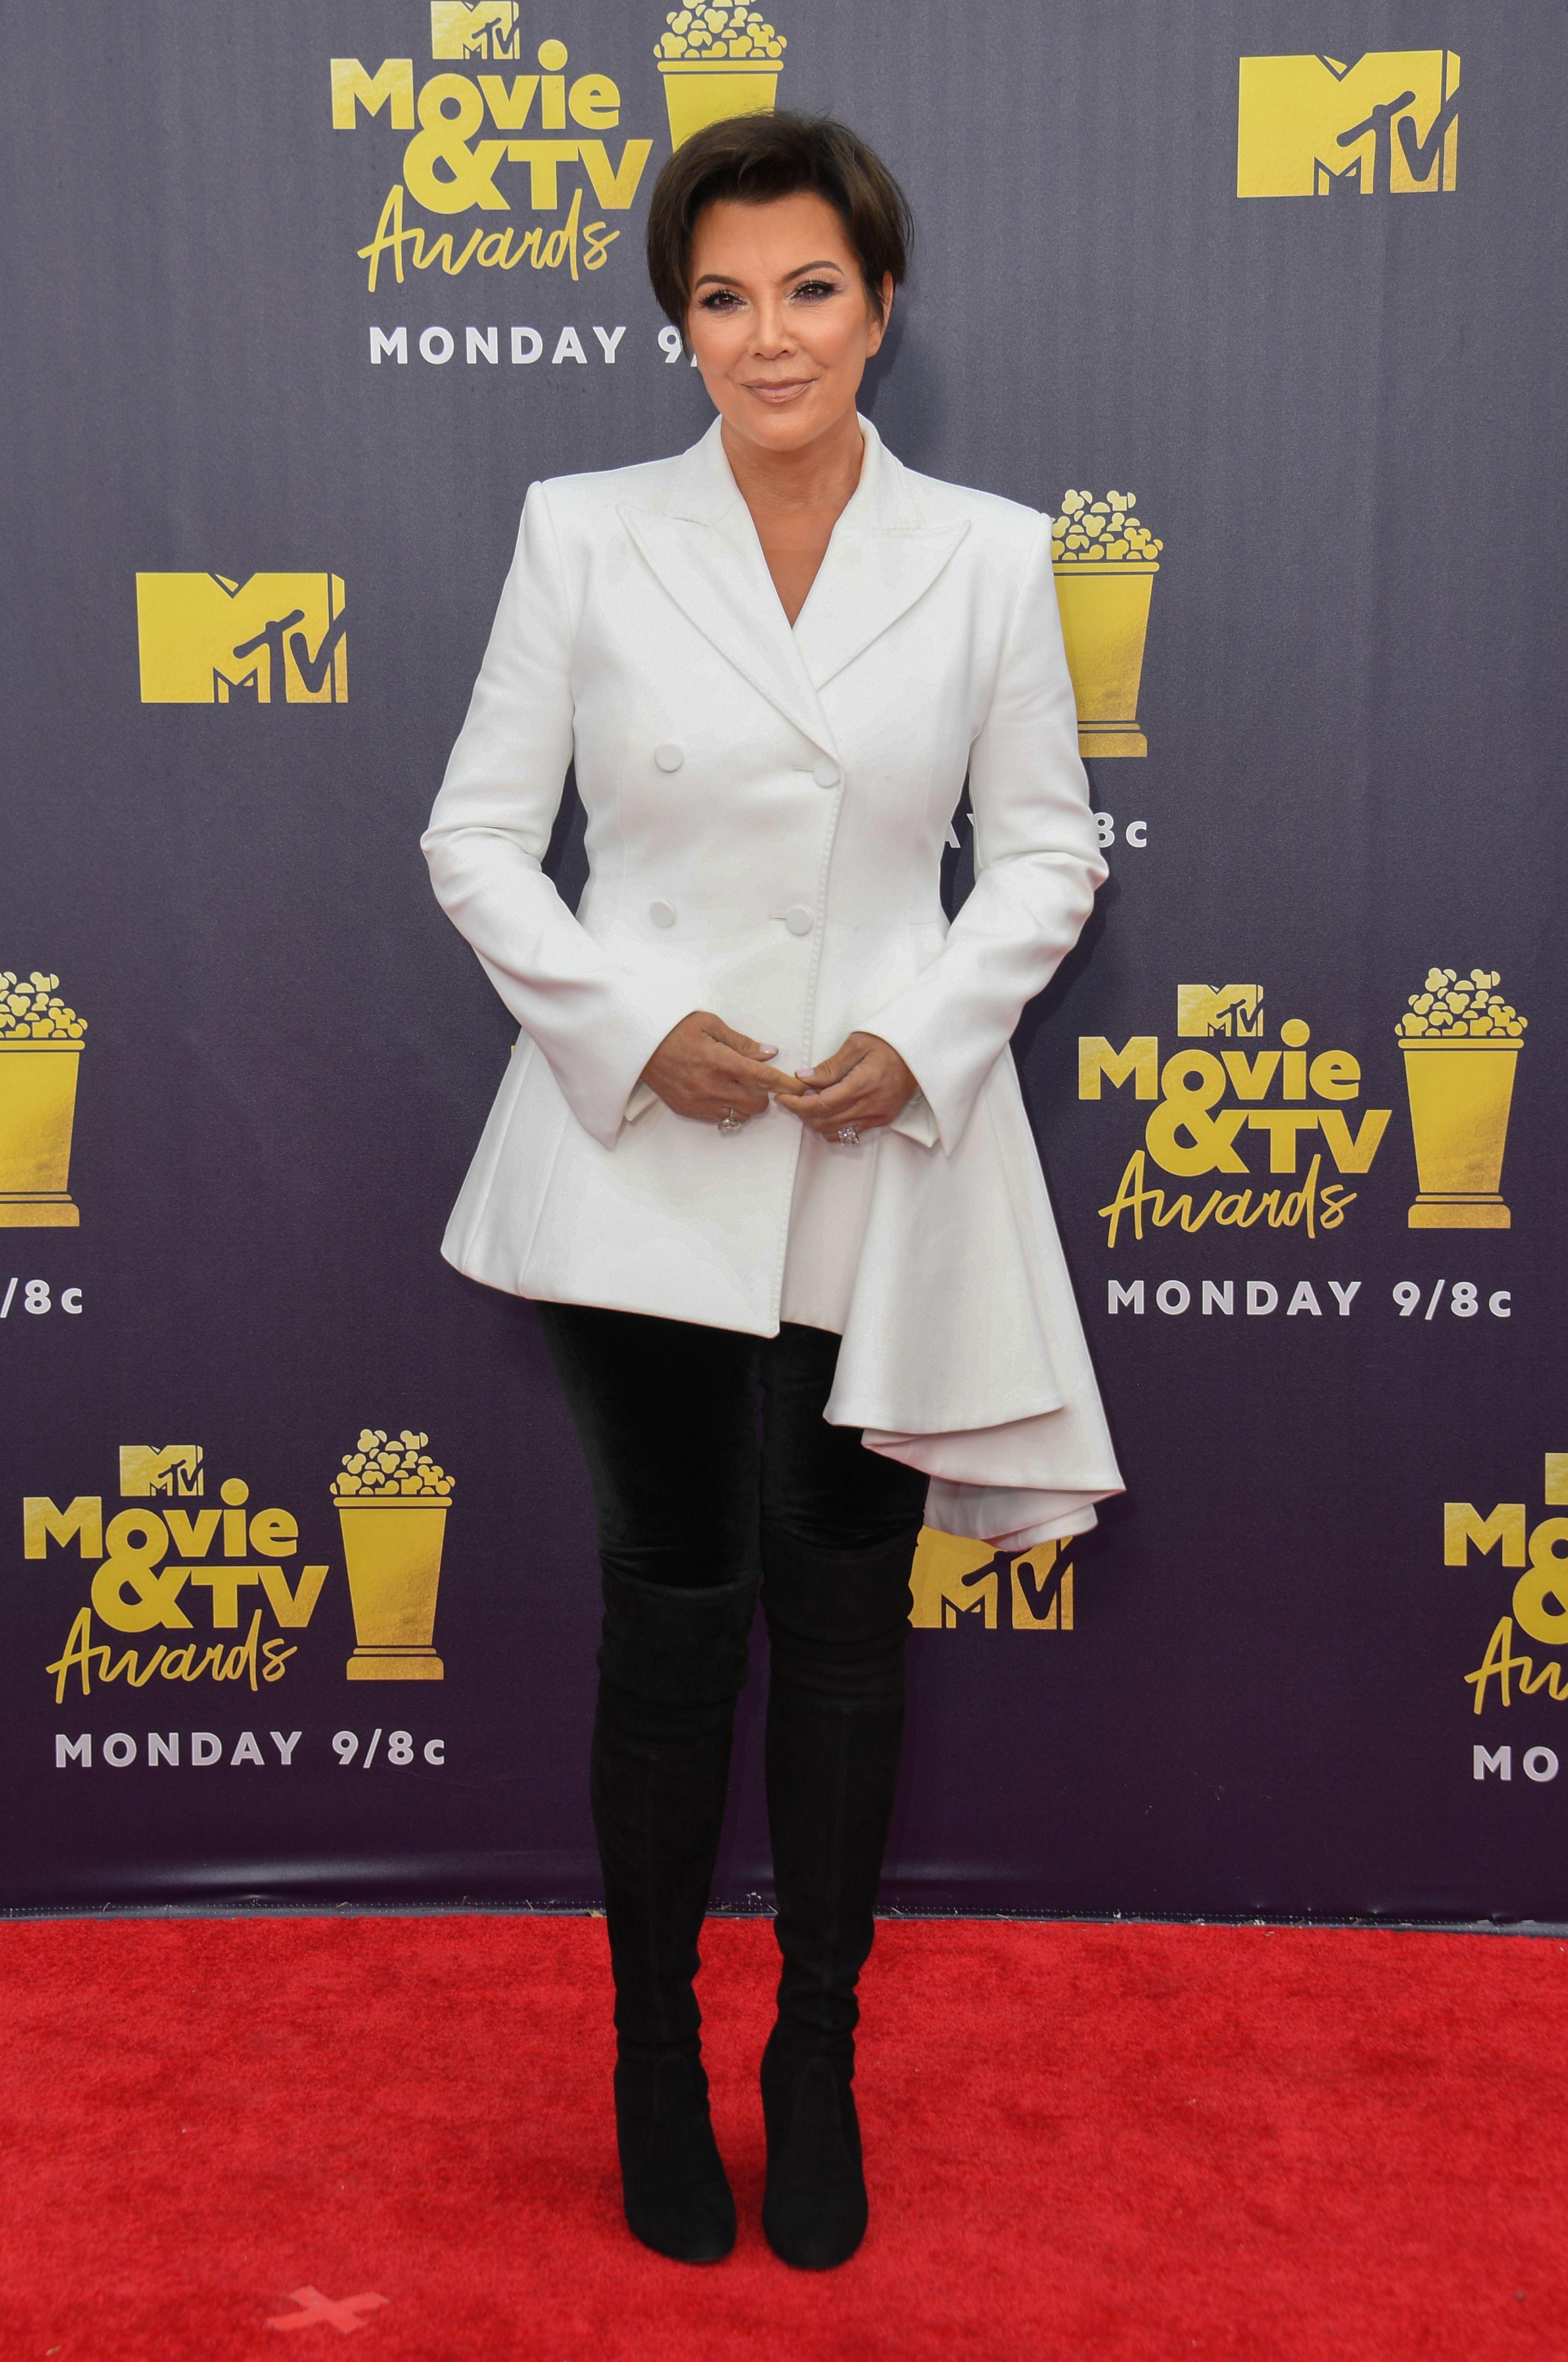 mtv movie awards, alfombra roja, famosas,